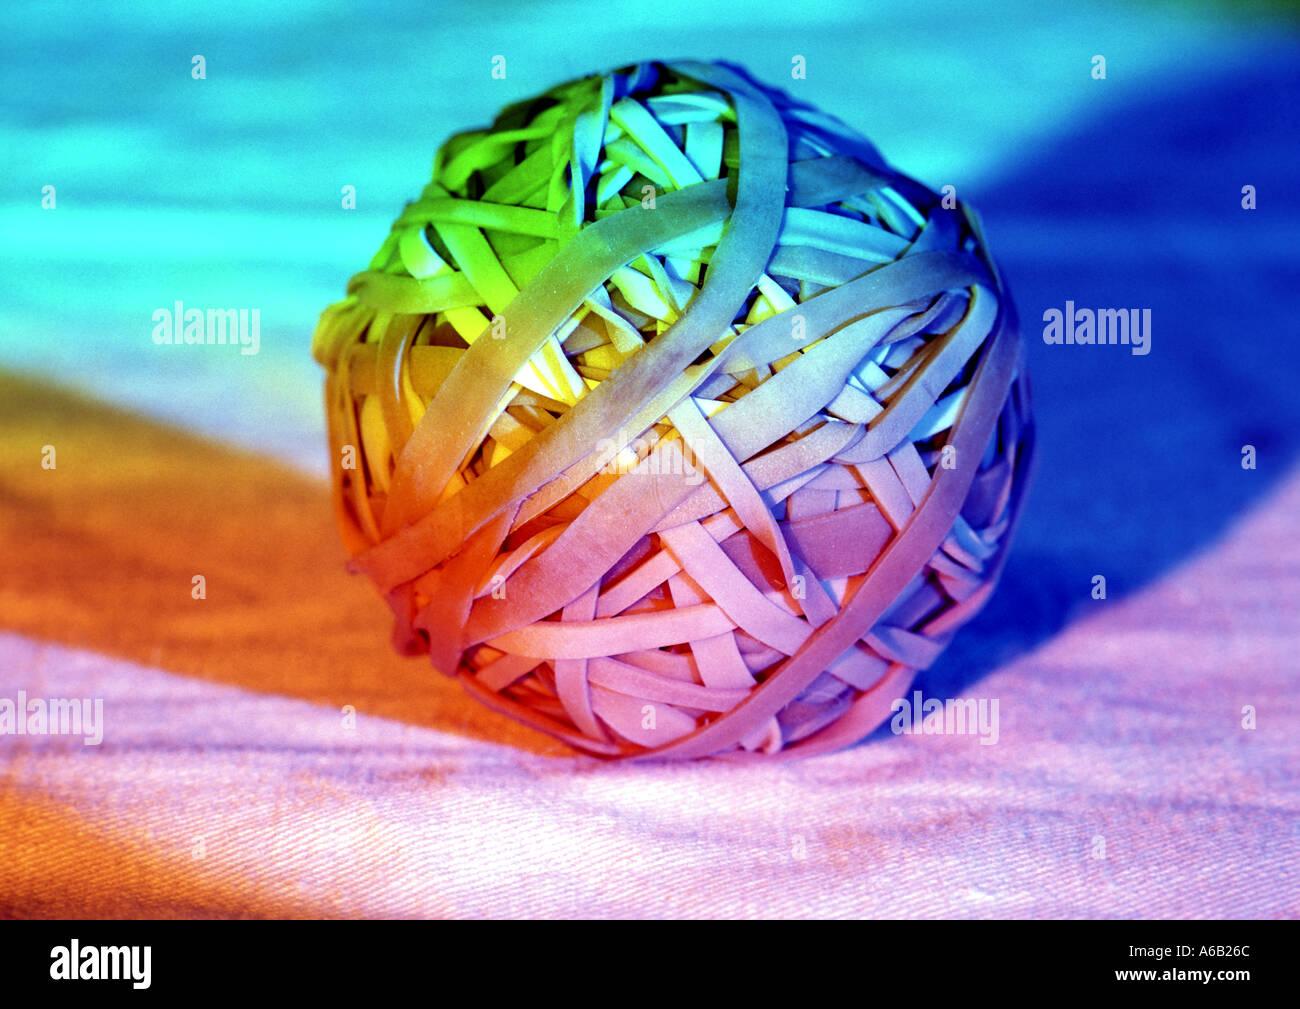 Fotos coloridas de pelota de bandas elásticas como concepto tipo image eg alían oficina relaciones estirar la imaginación... Imagen De Stock